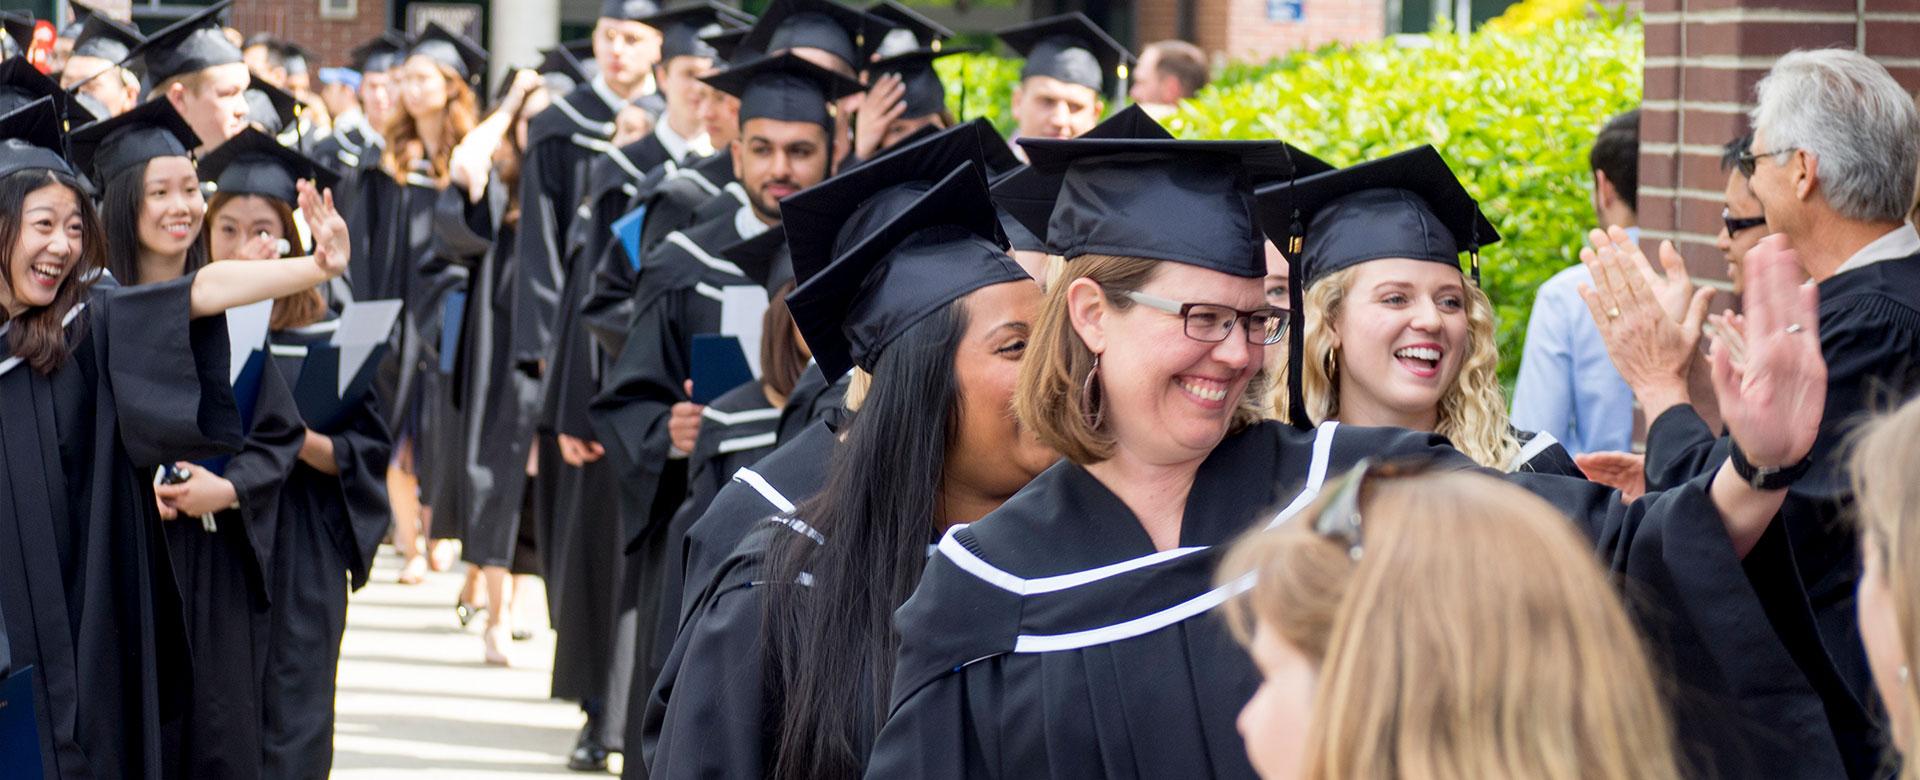 Graduation at UBCO